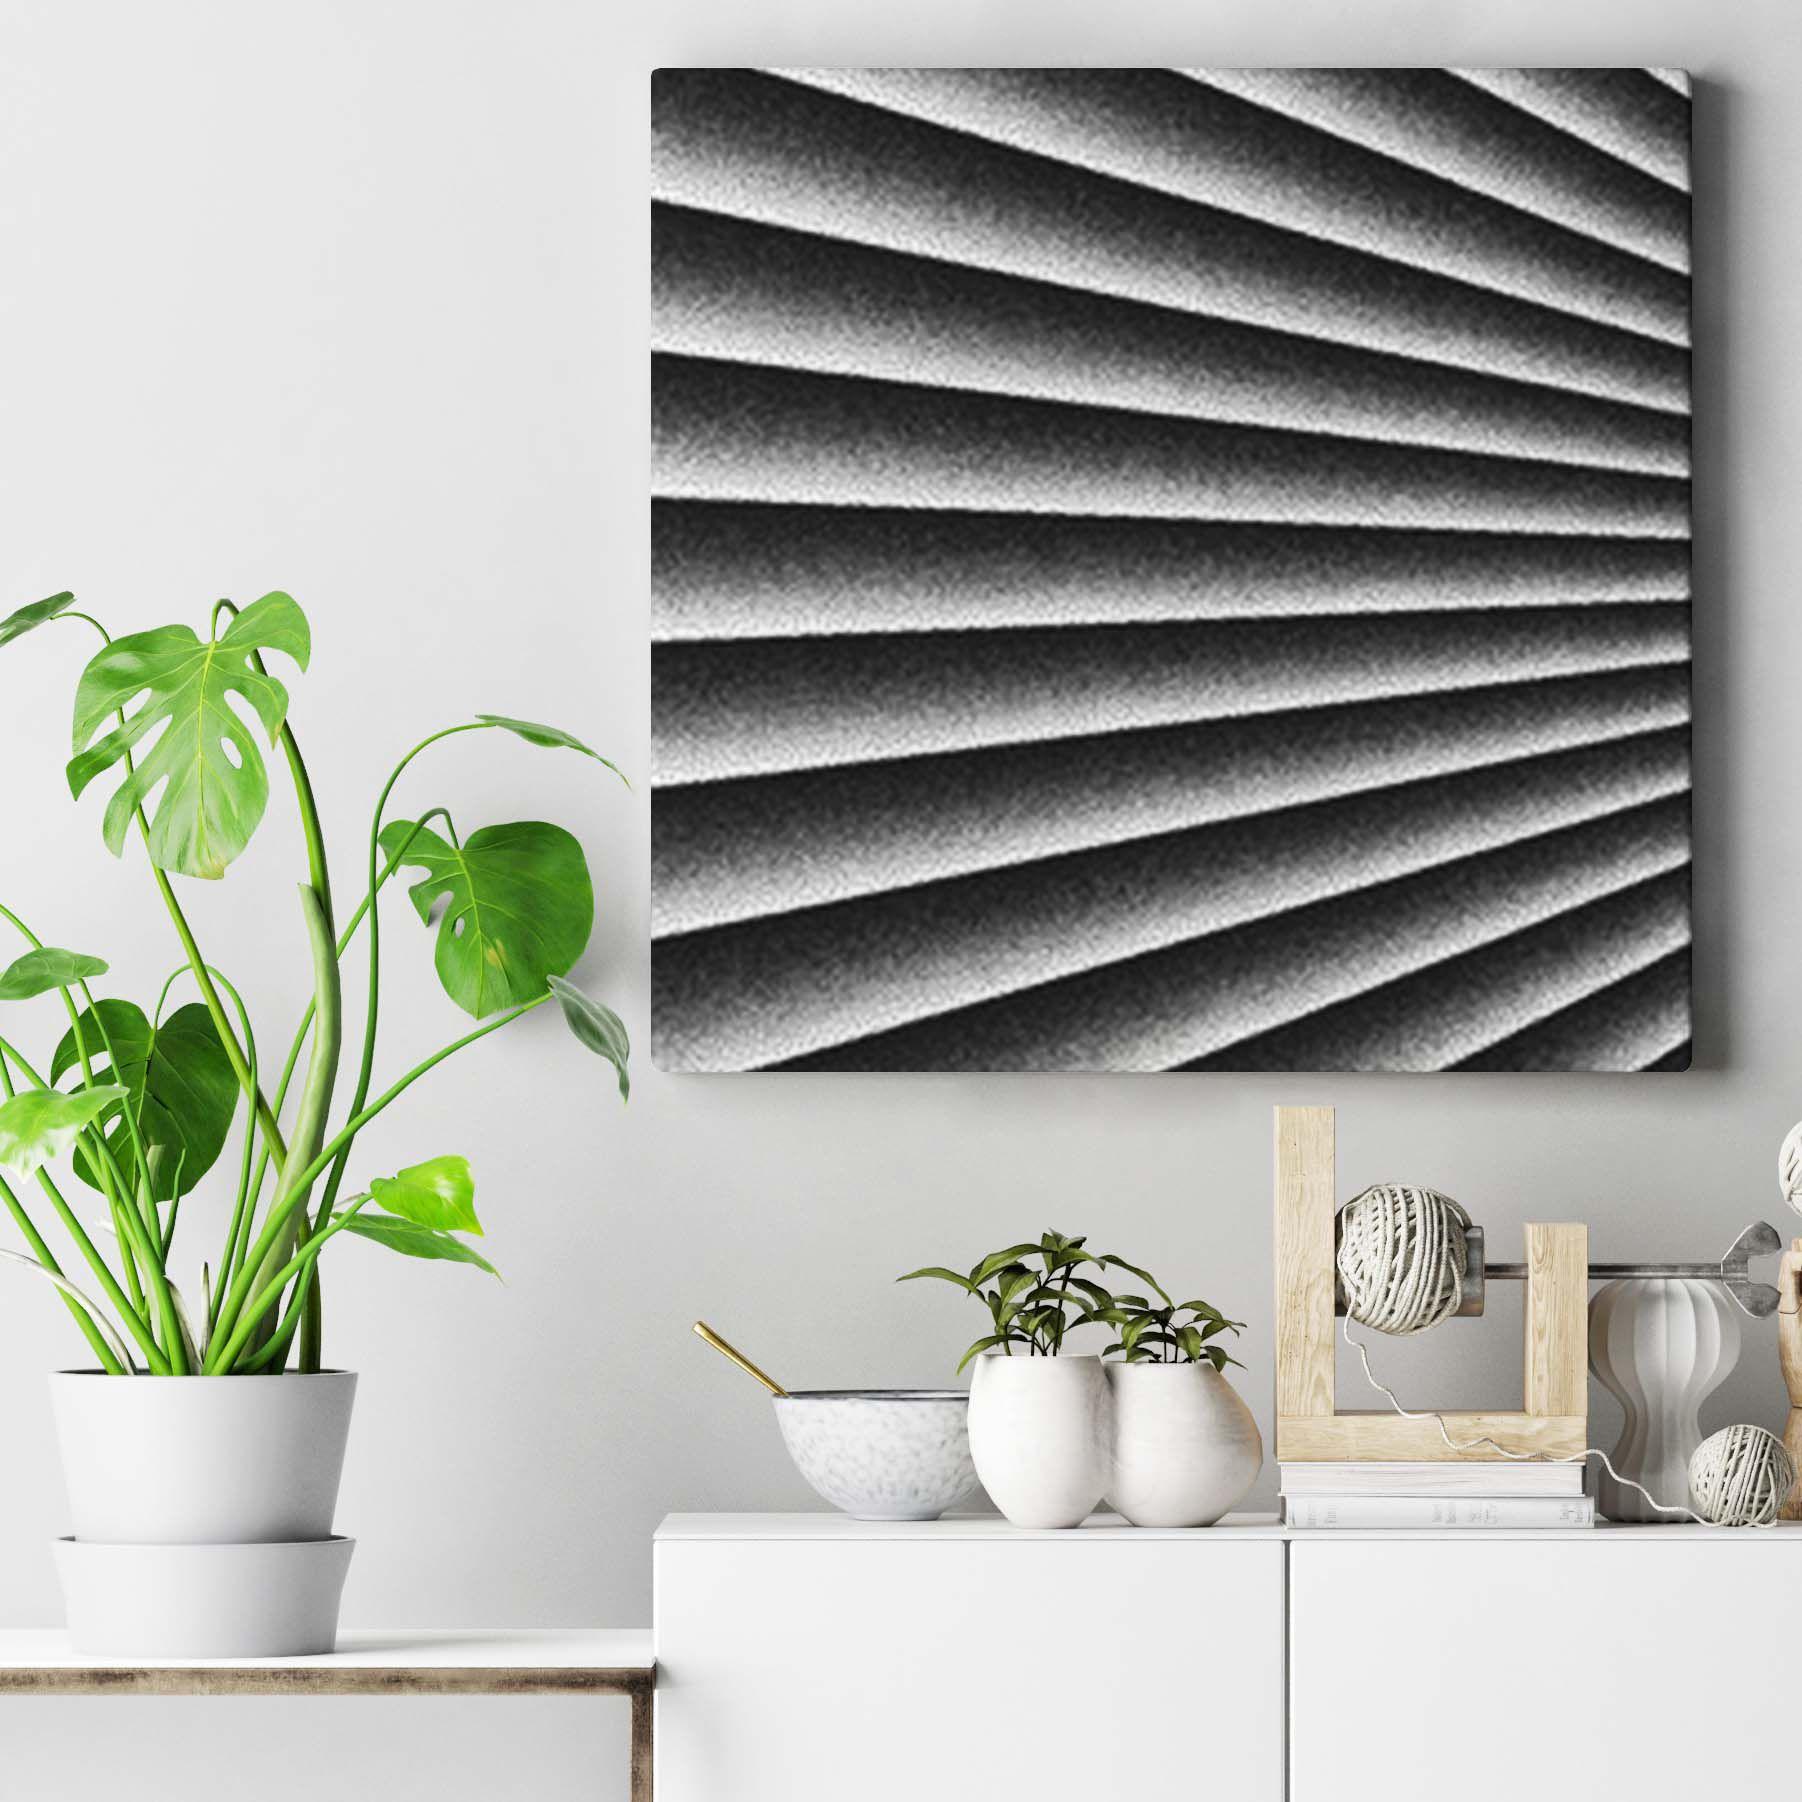 Space lines, quadro decorativo em canvas